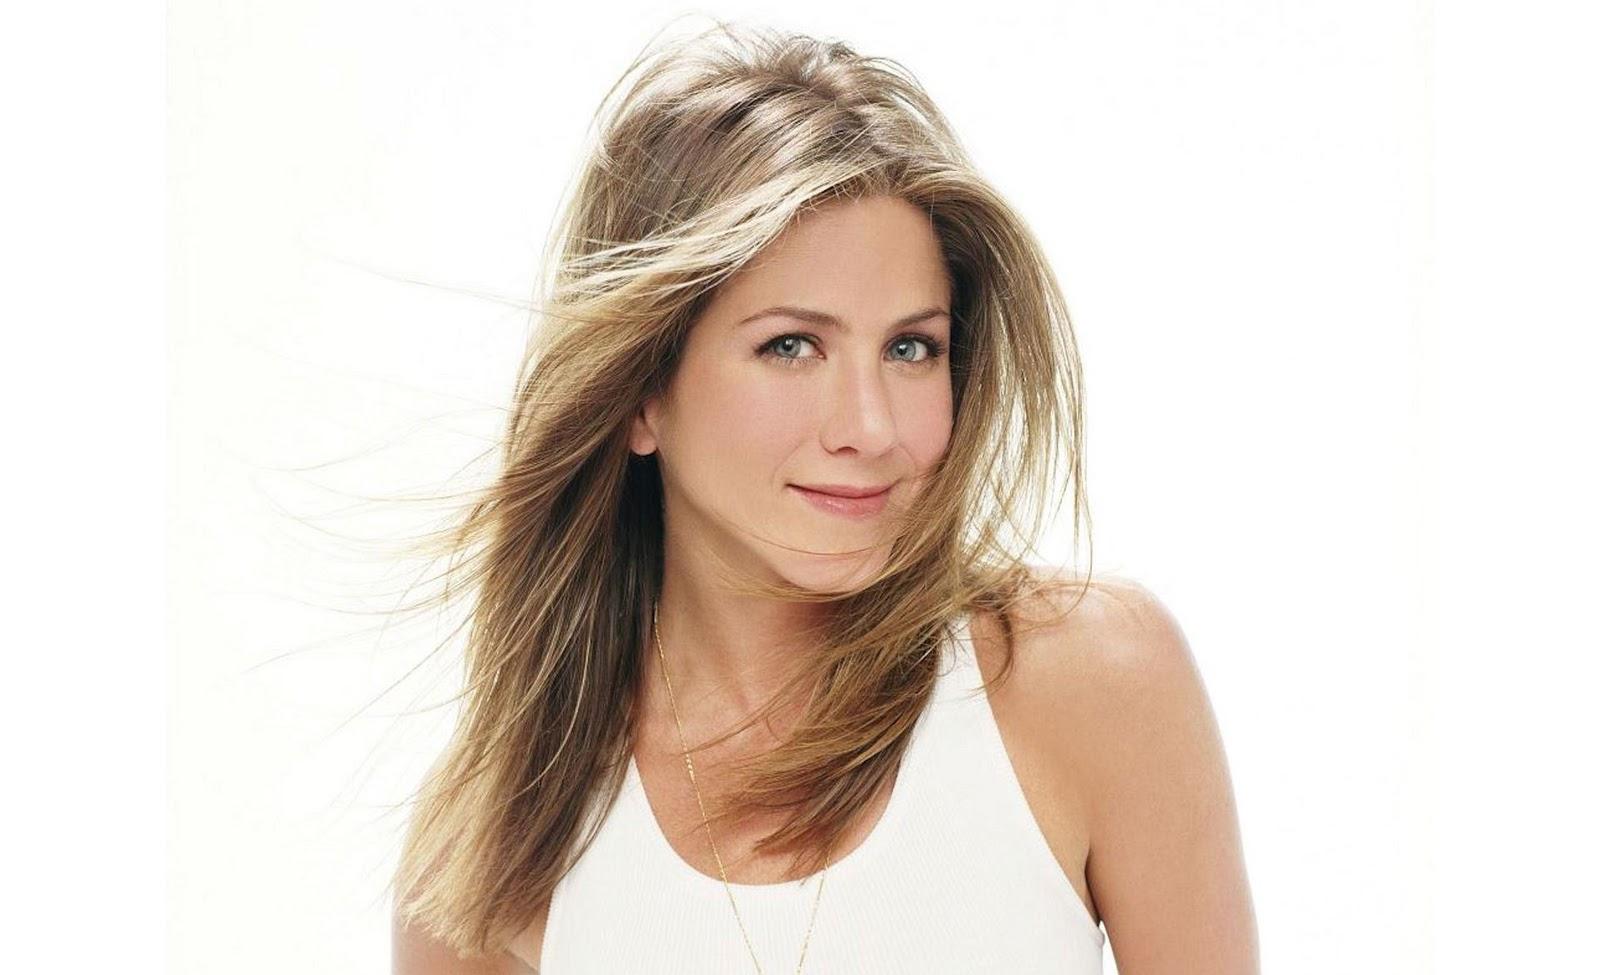 http://1.bp.blogspot.com/--3BknJTMLi8/Txu_sepIIbI/AAAAAAAACuQ/89Pm9zQYaP4/s1600/Jennifer+Aniston+%25281%2529.jpg